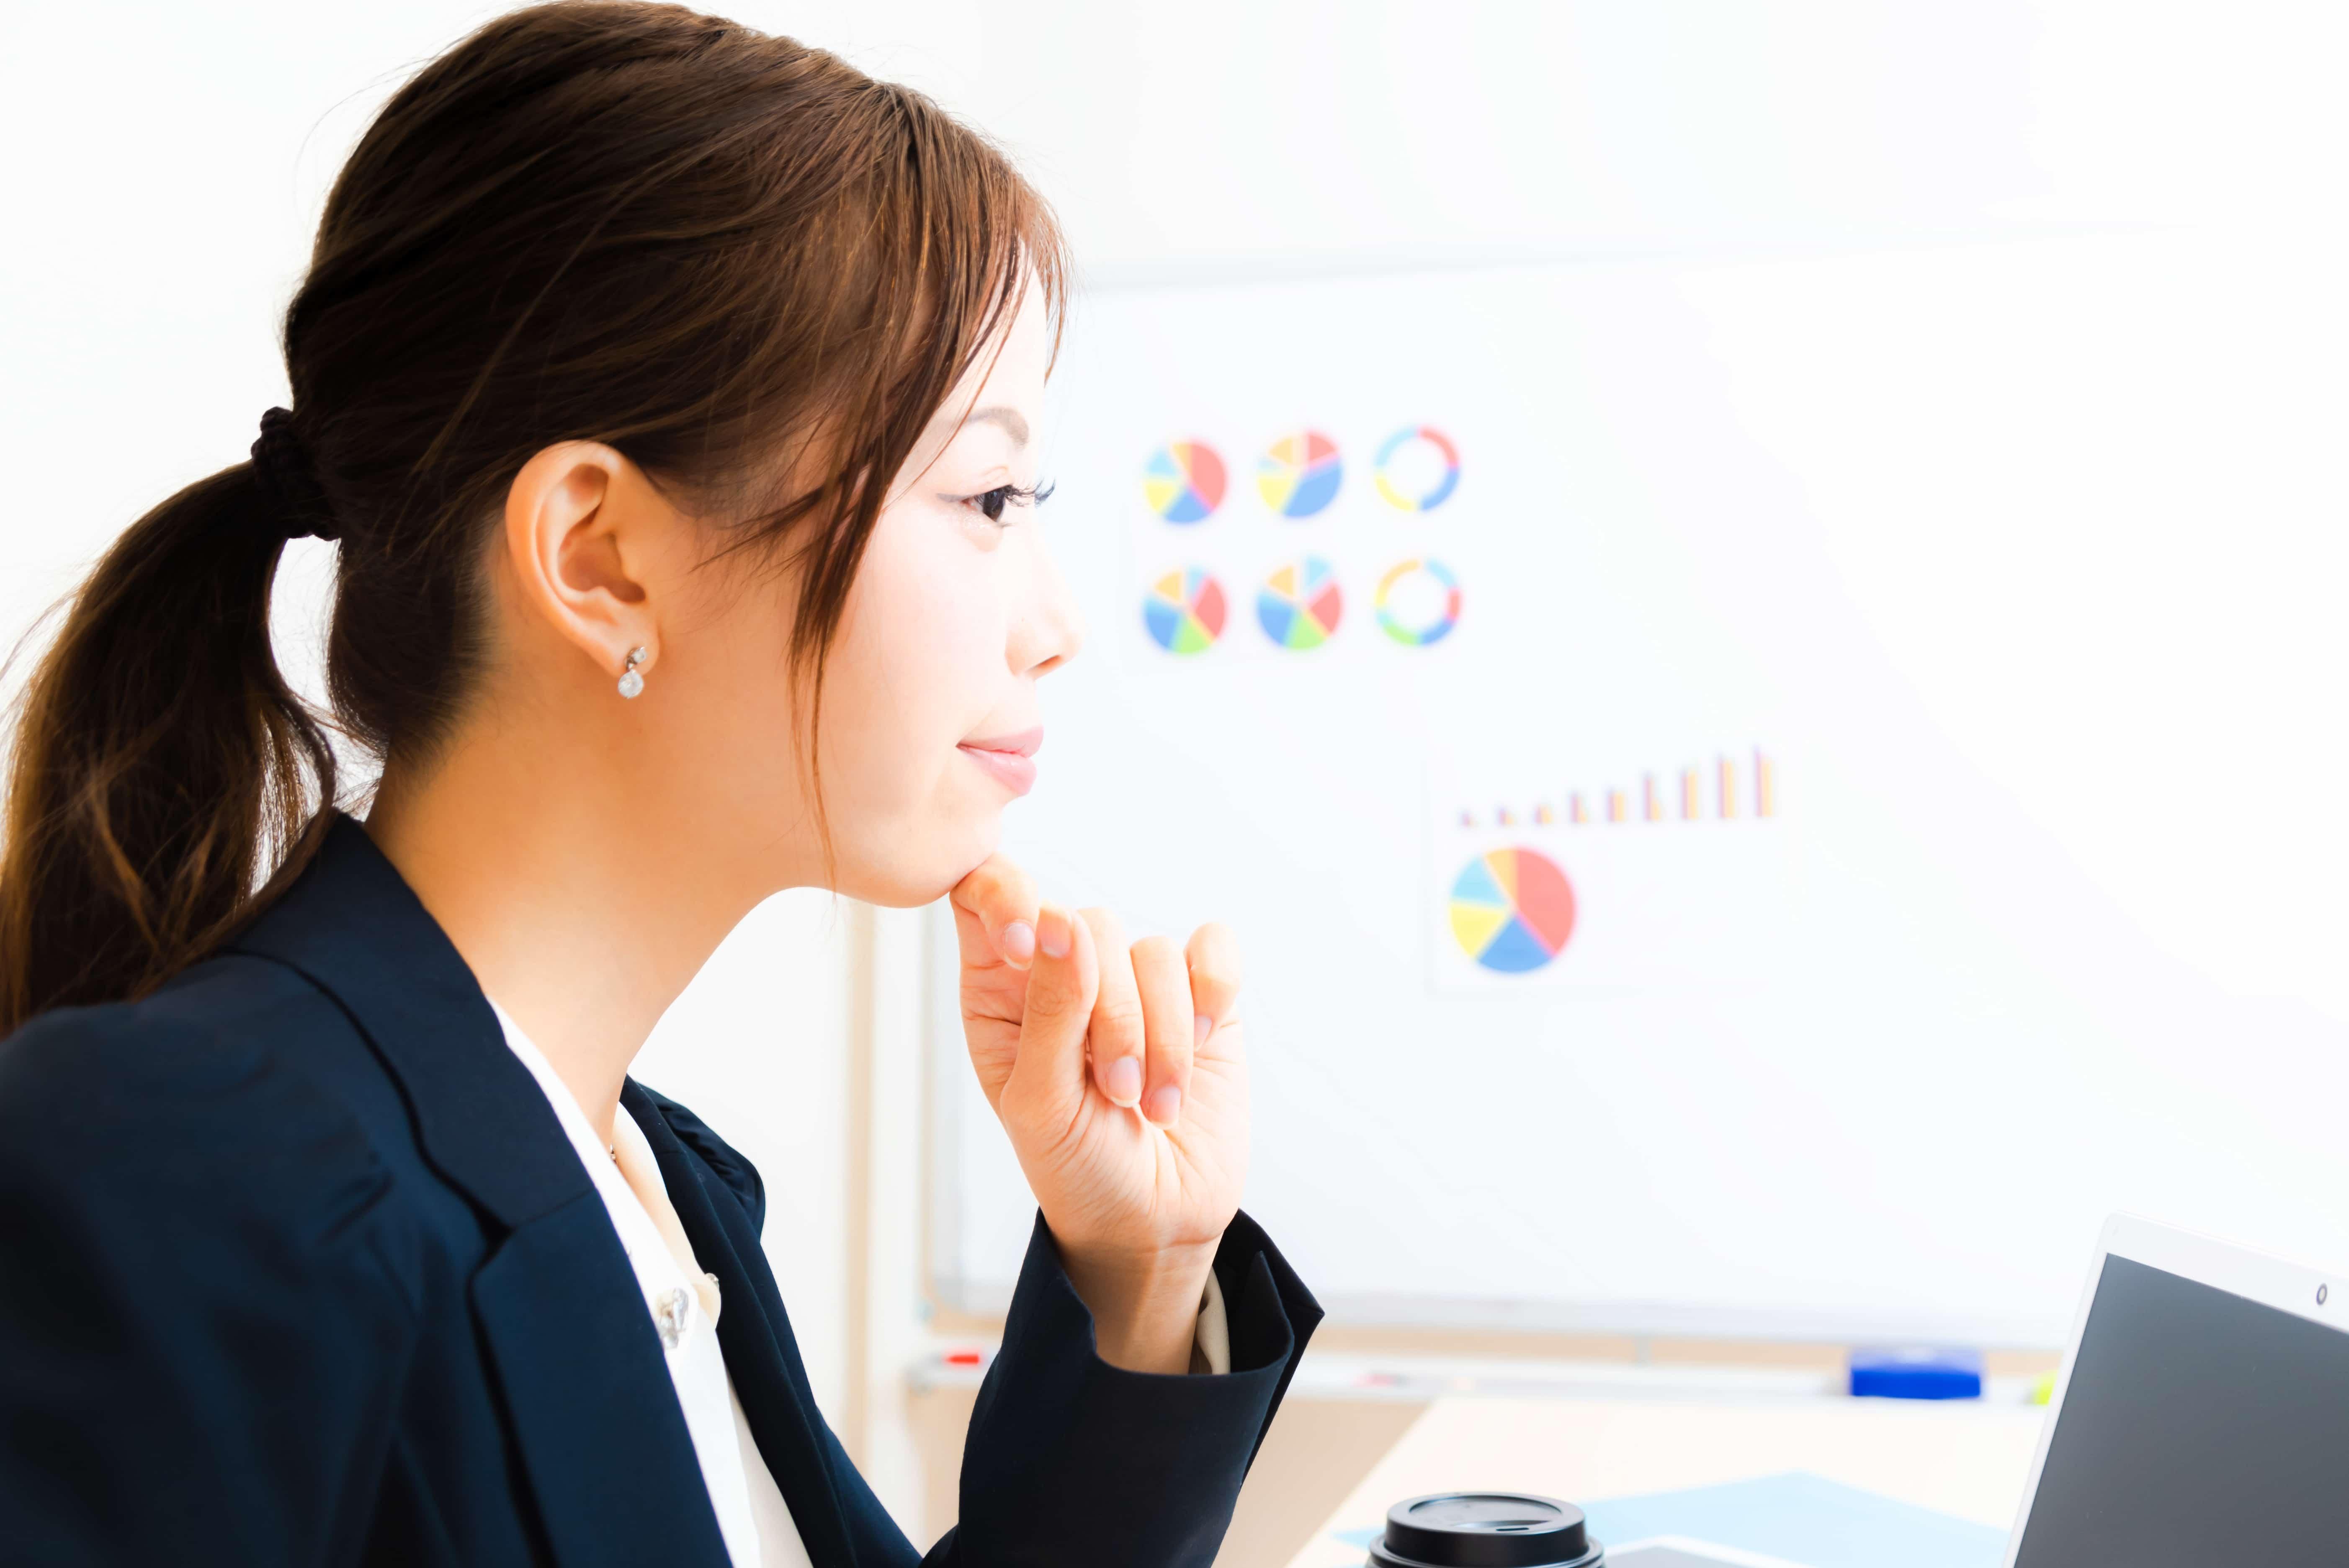 仕事をする女性、横顔